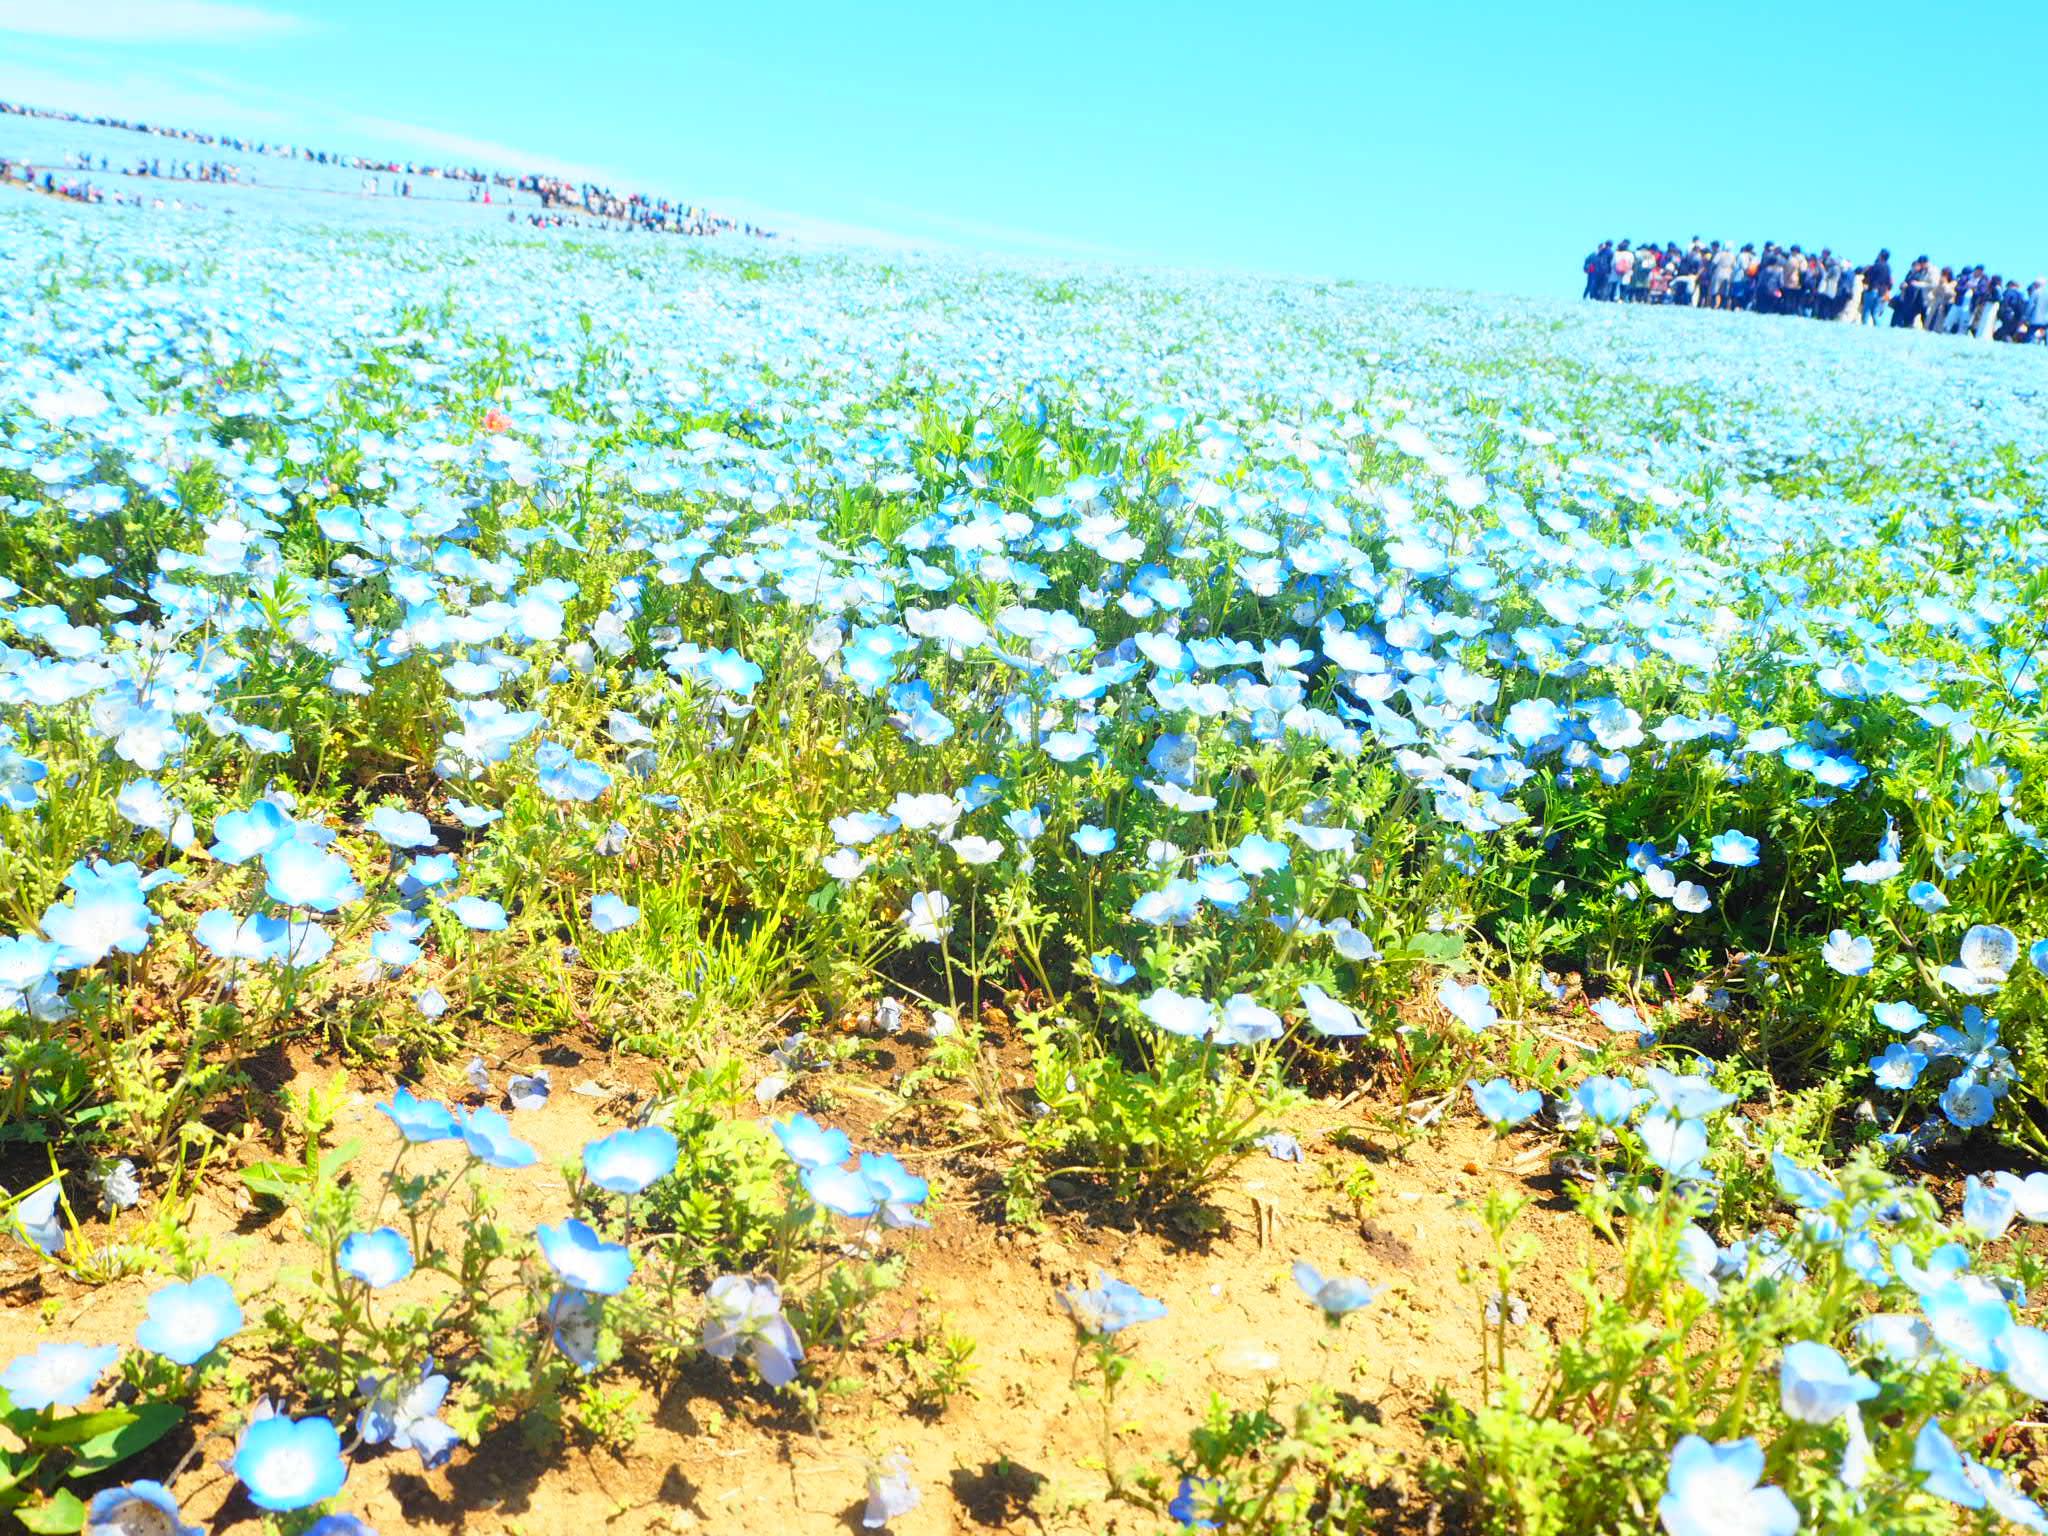 一面に咲き誇るネモフィラに大興奮&大感動! 『国営ひたち海浜公園』が圧倒的人気♡【G.W.中のモアハピ部人気ランキング】_3_3